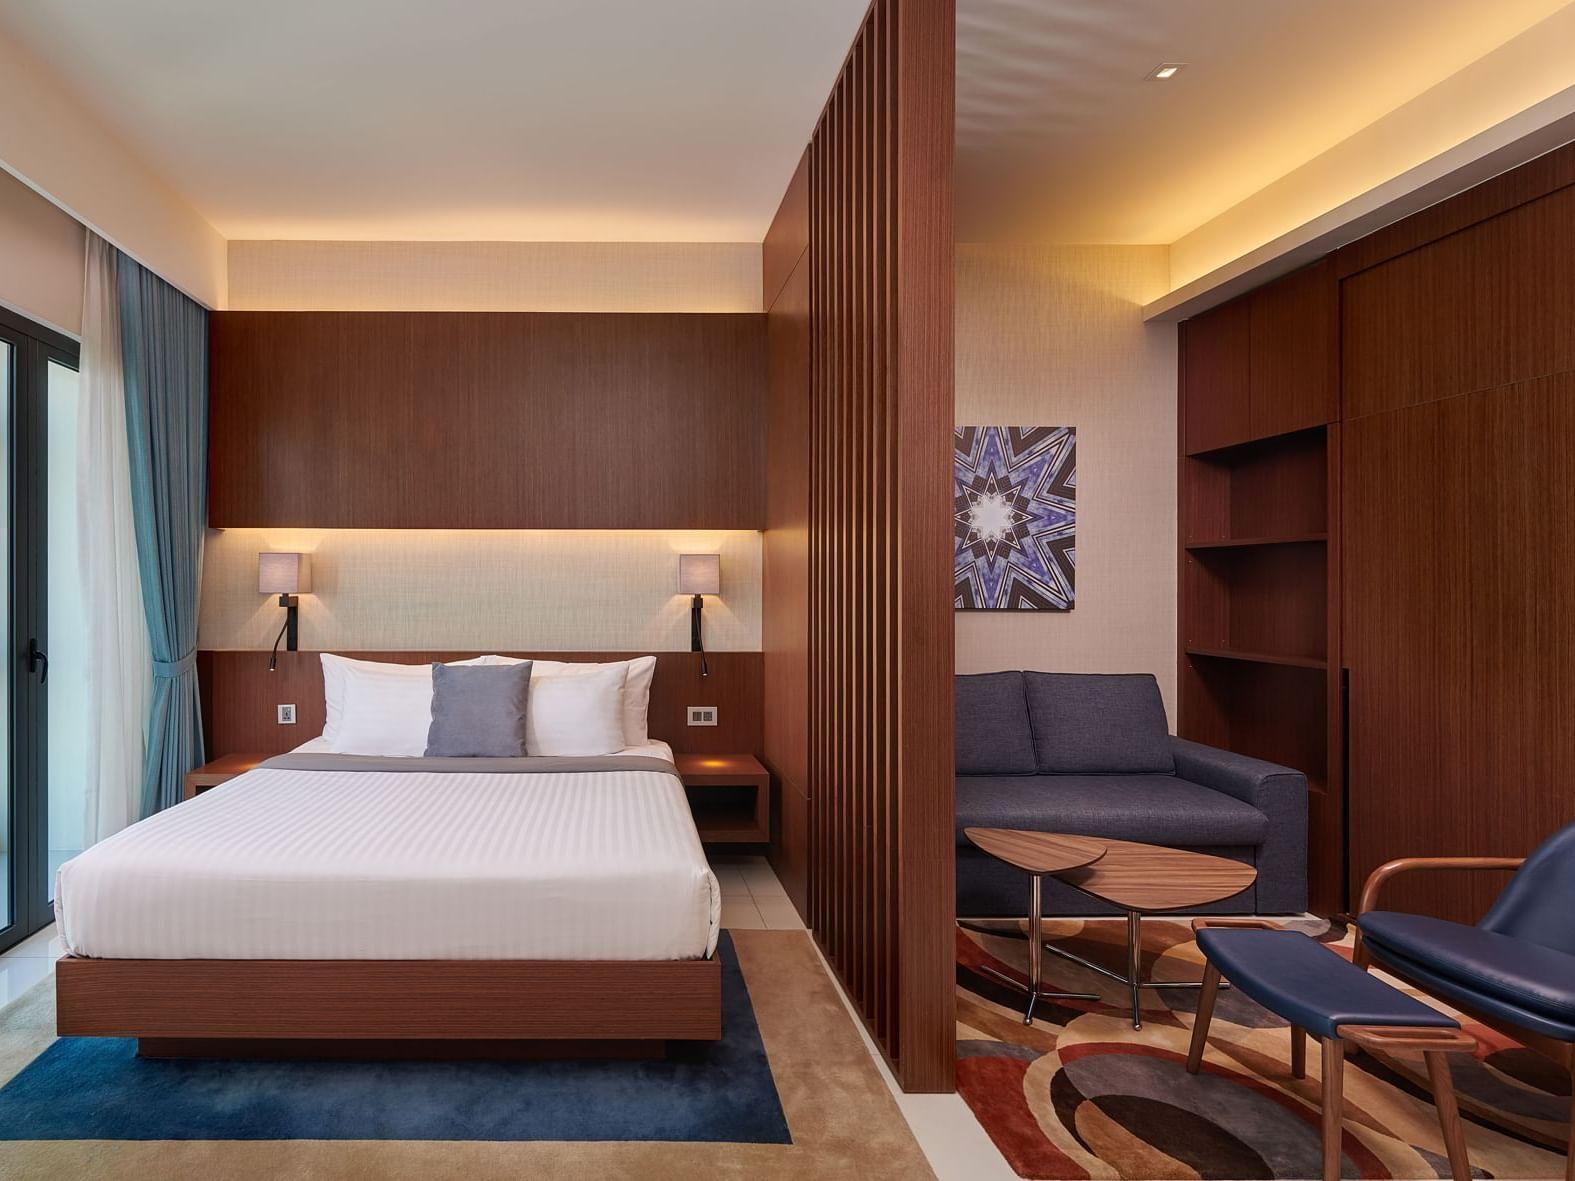 Studio Suite at Tribeca Serviced Apartments in Jalan Imbi, Kuala Lumpur